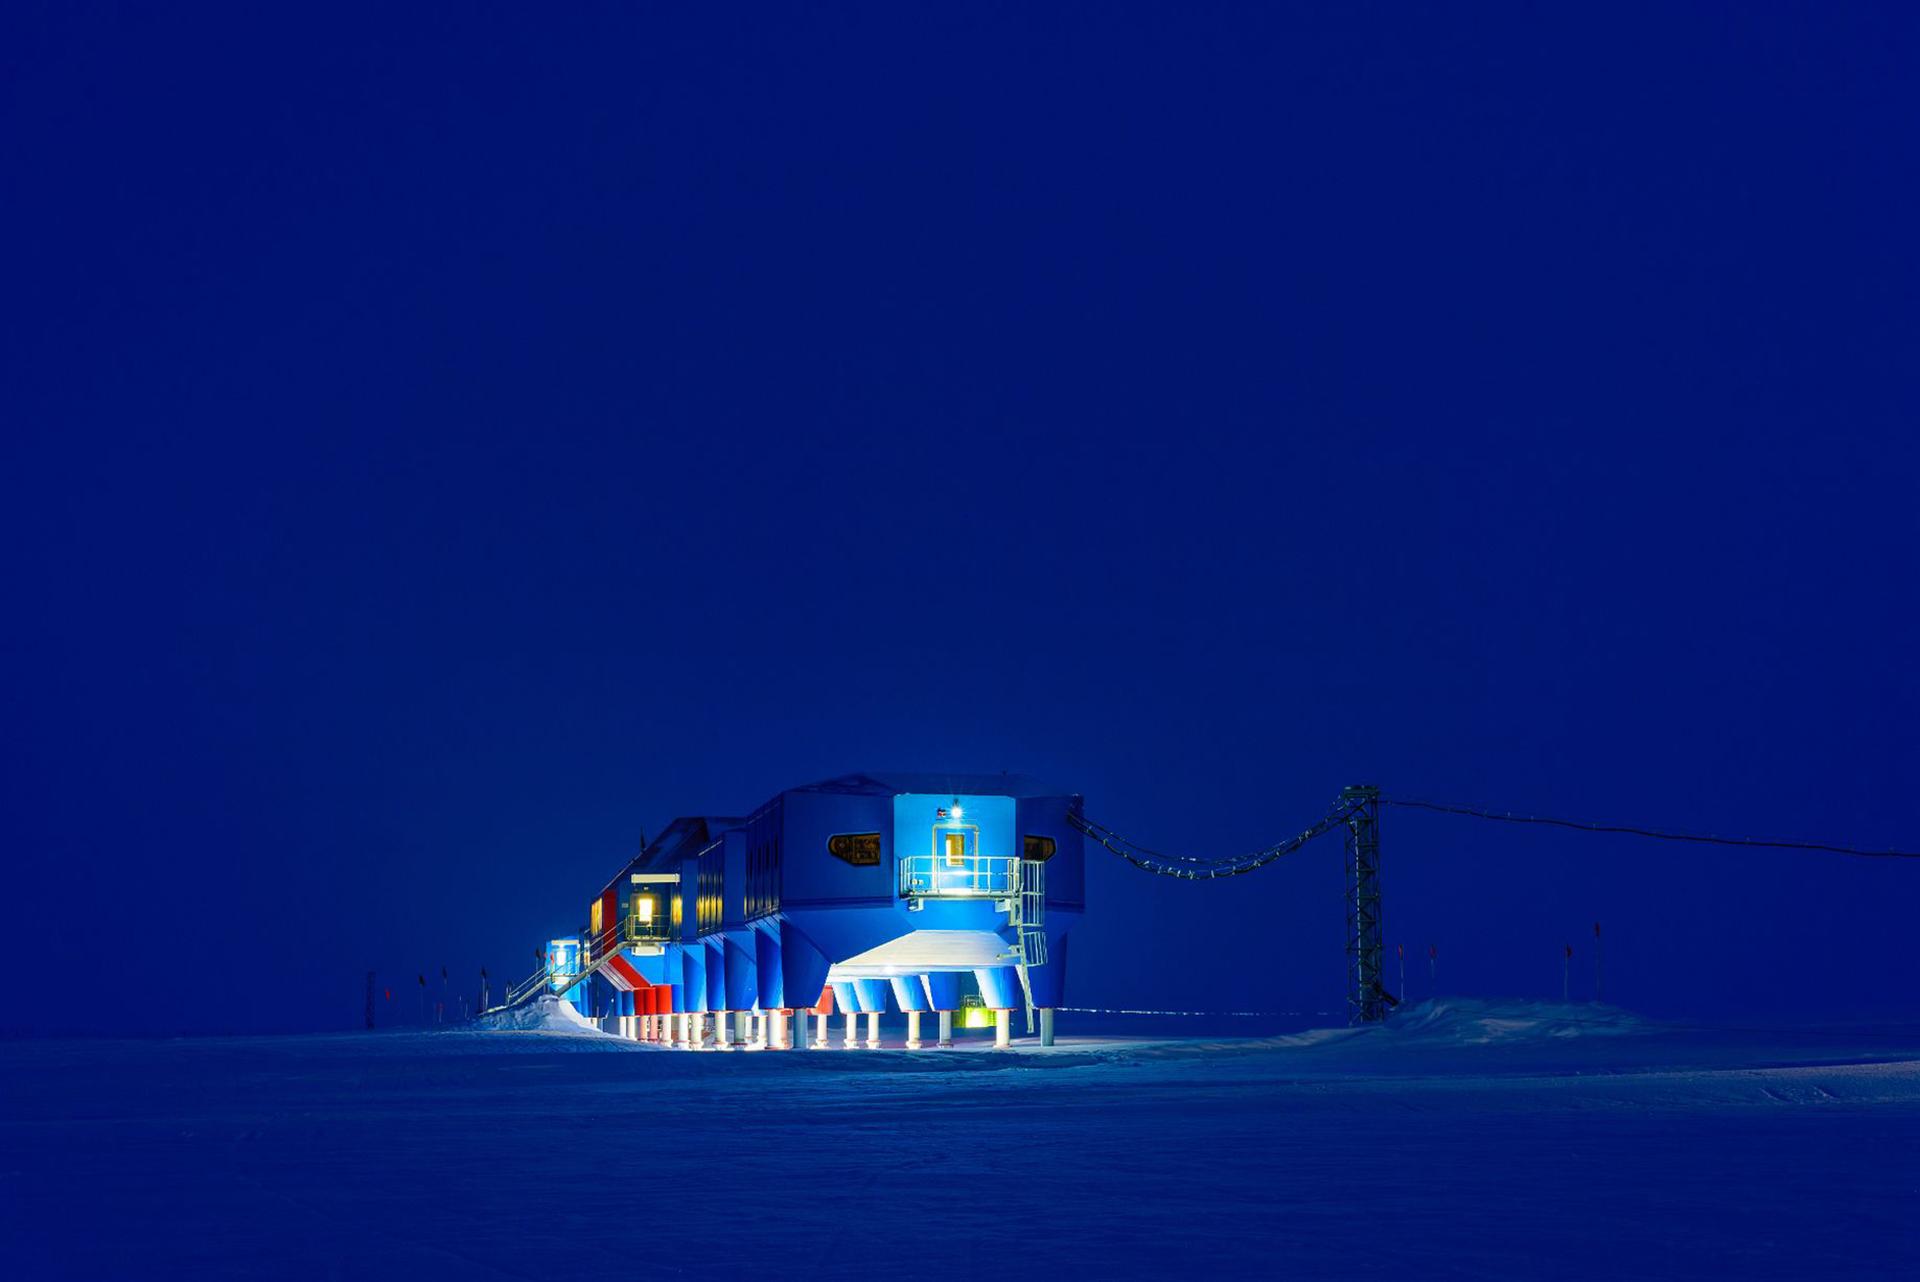 La Estación de Investigación Halley VI